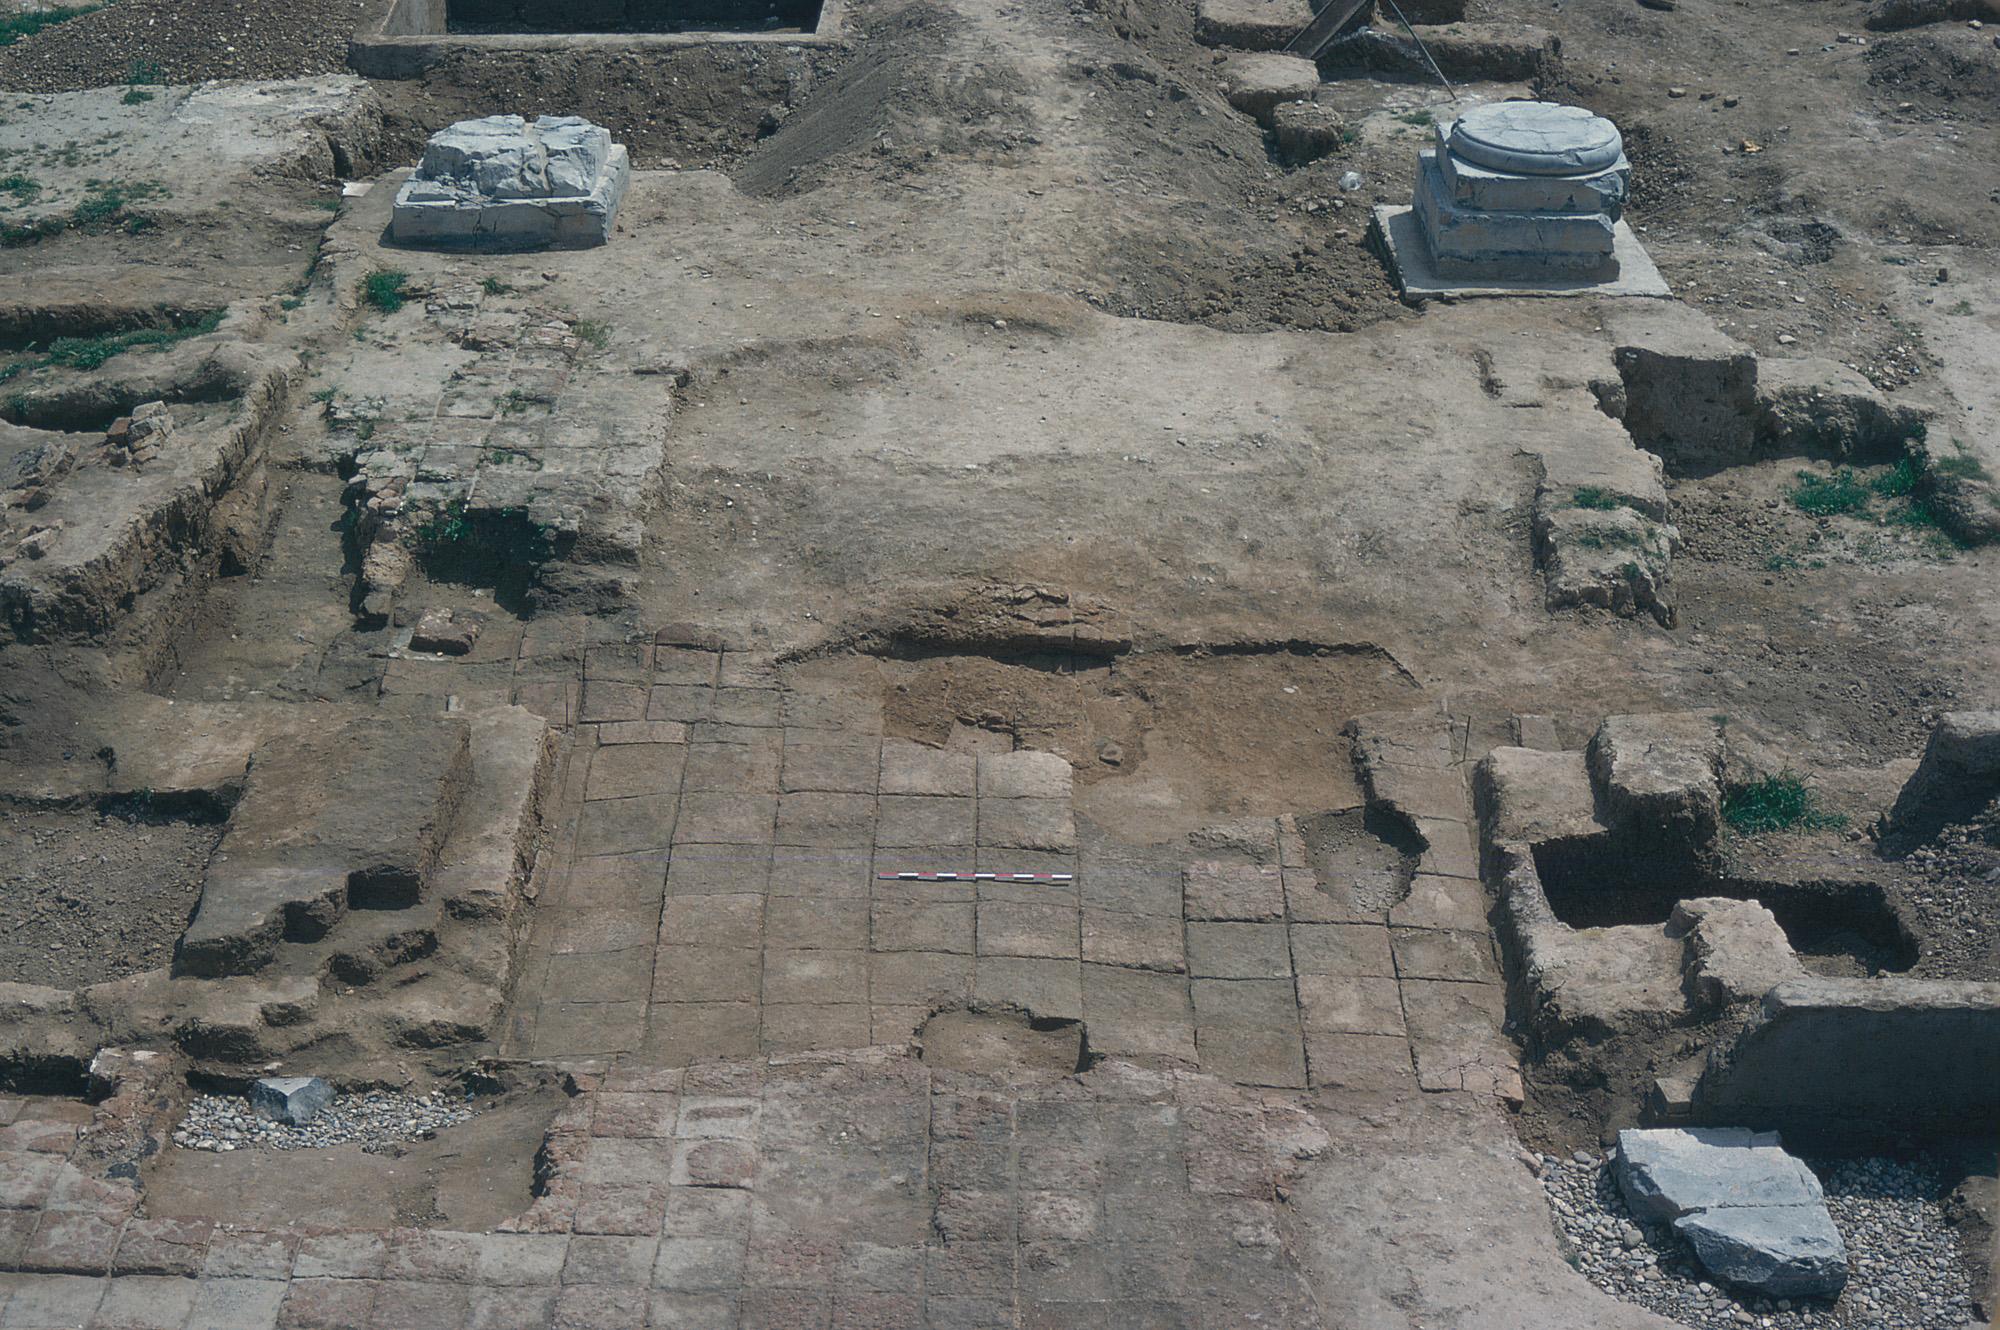 上图:大流士门中的两个立柱基石,两个柱子之间的距离超过7米。书珊波斯王宫东面的大流士门遗址,可能就是末底改所任职的朝门(斯二19;三2;四2;五9;六10)。这是一个1120平方米的泥砖建筑,位于大厅(apadana)的东侧。可能是由大流士一世提议,亚哈随鲁建造的。